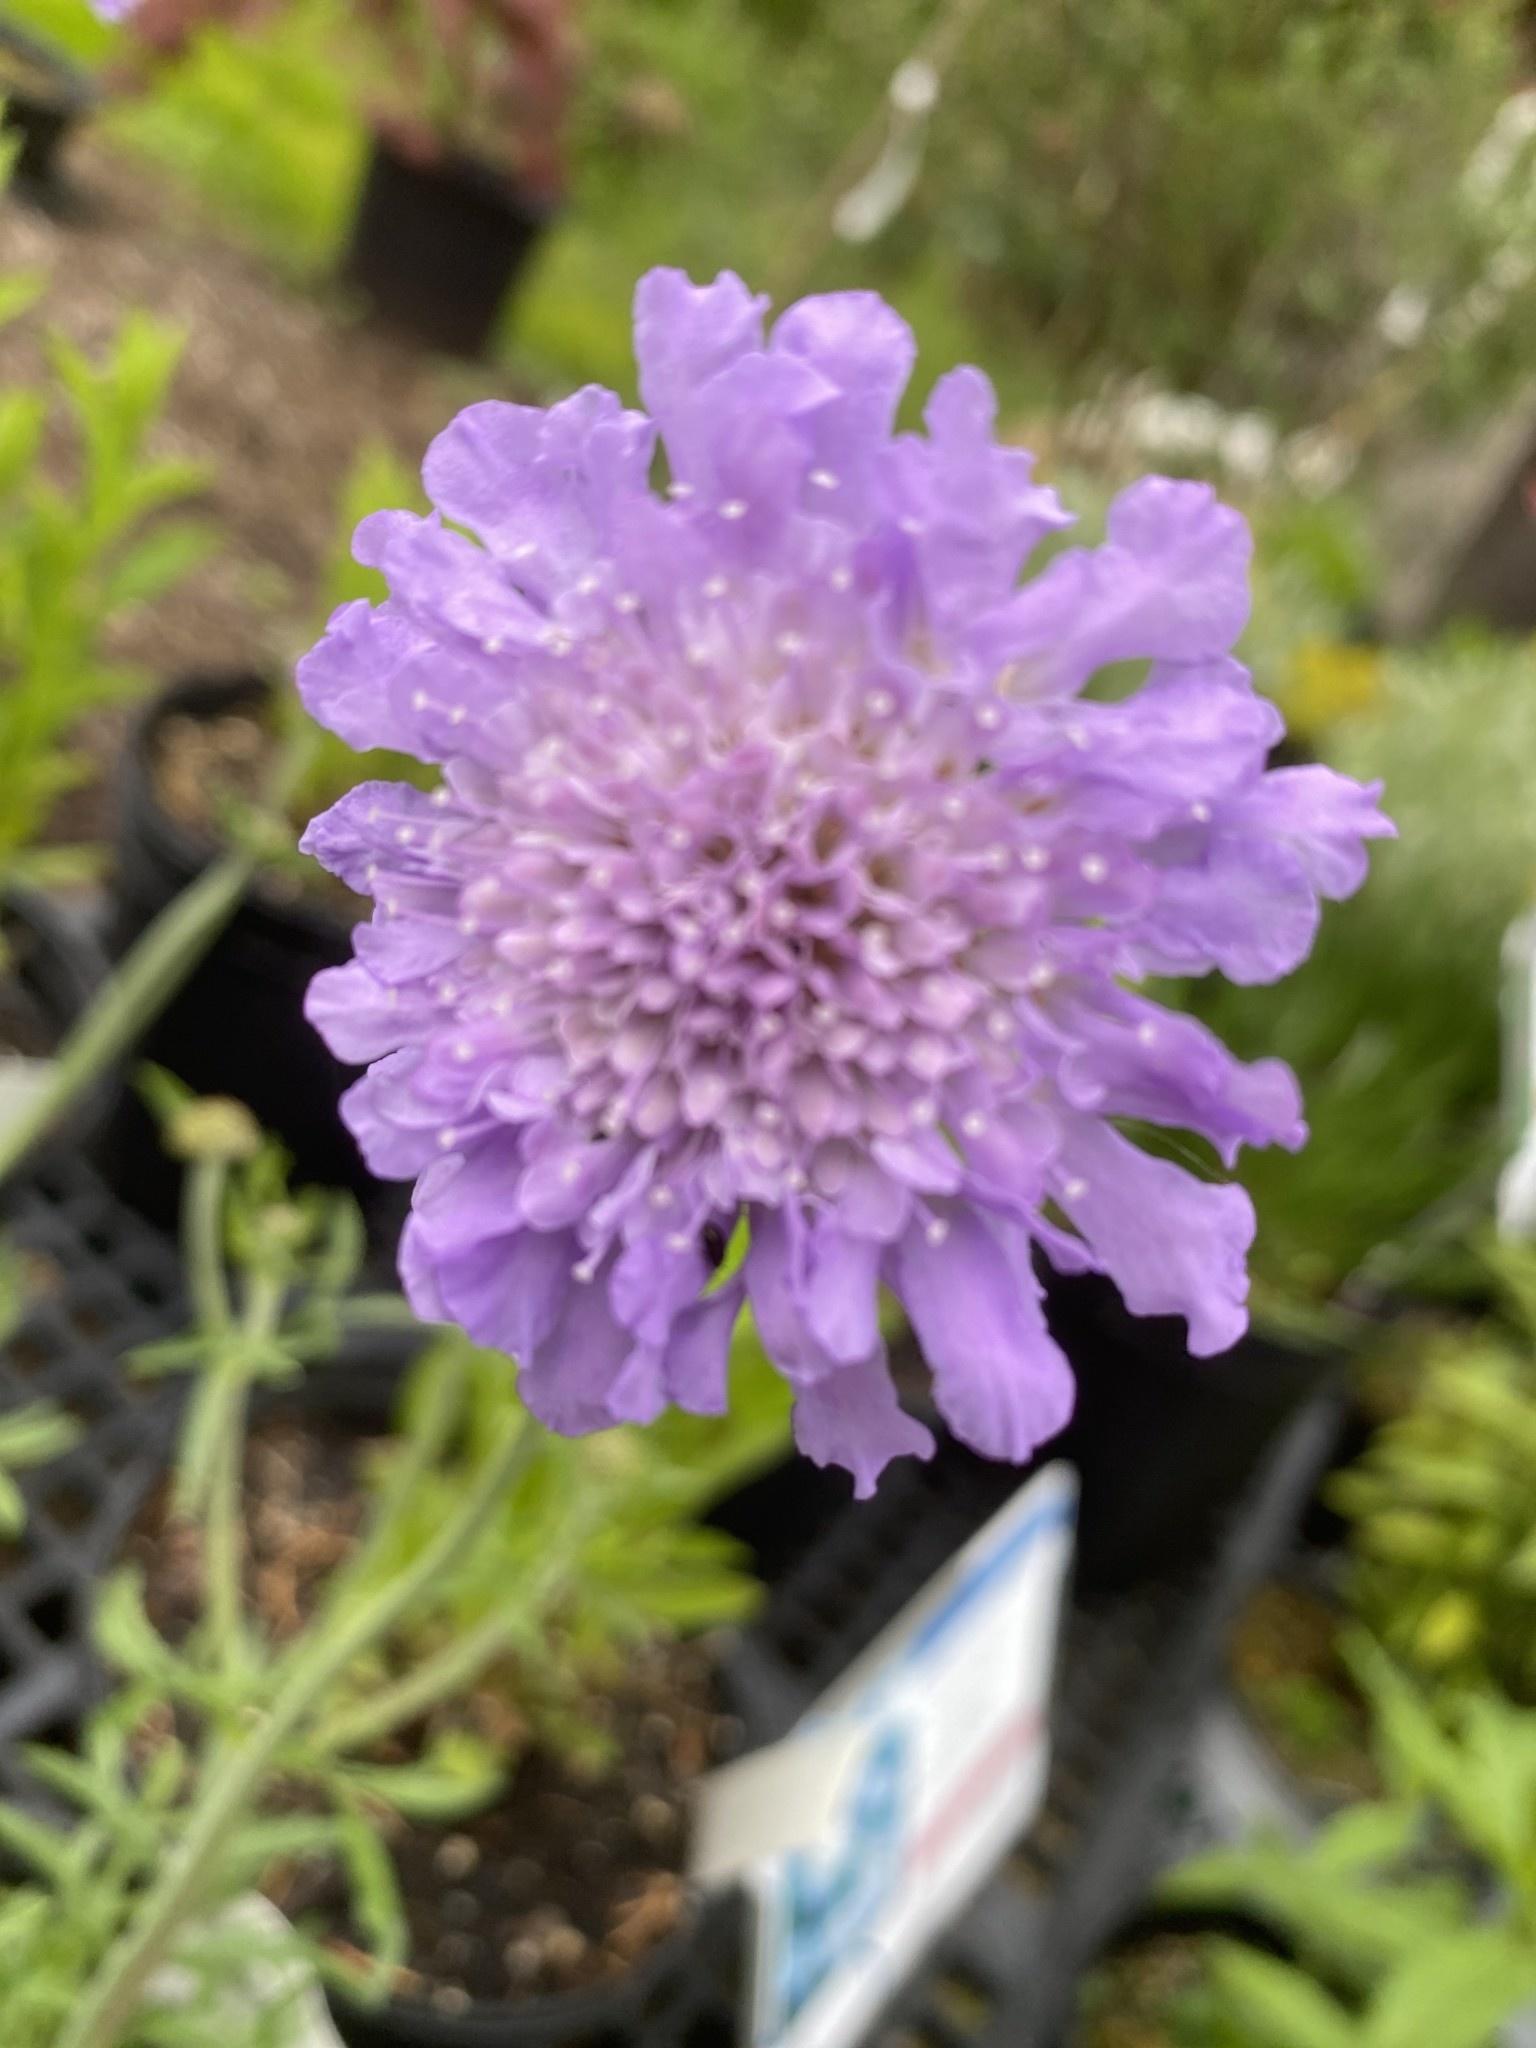 Scabiosa Butterfly Blue Pincushion Flower, Butterfly Blue, #1